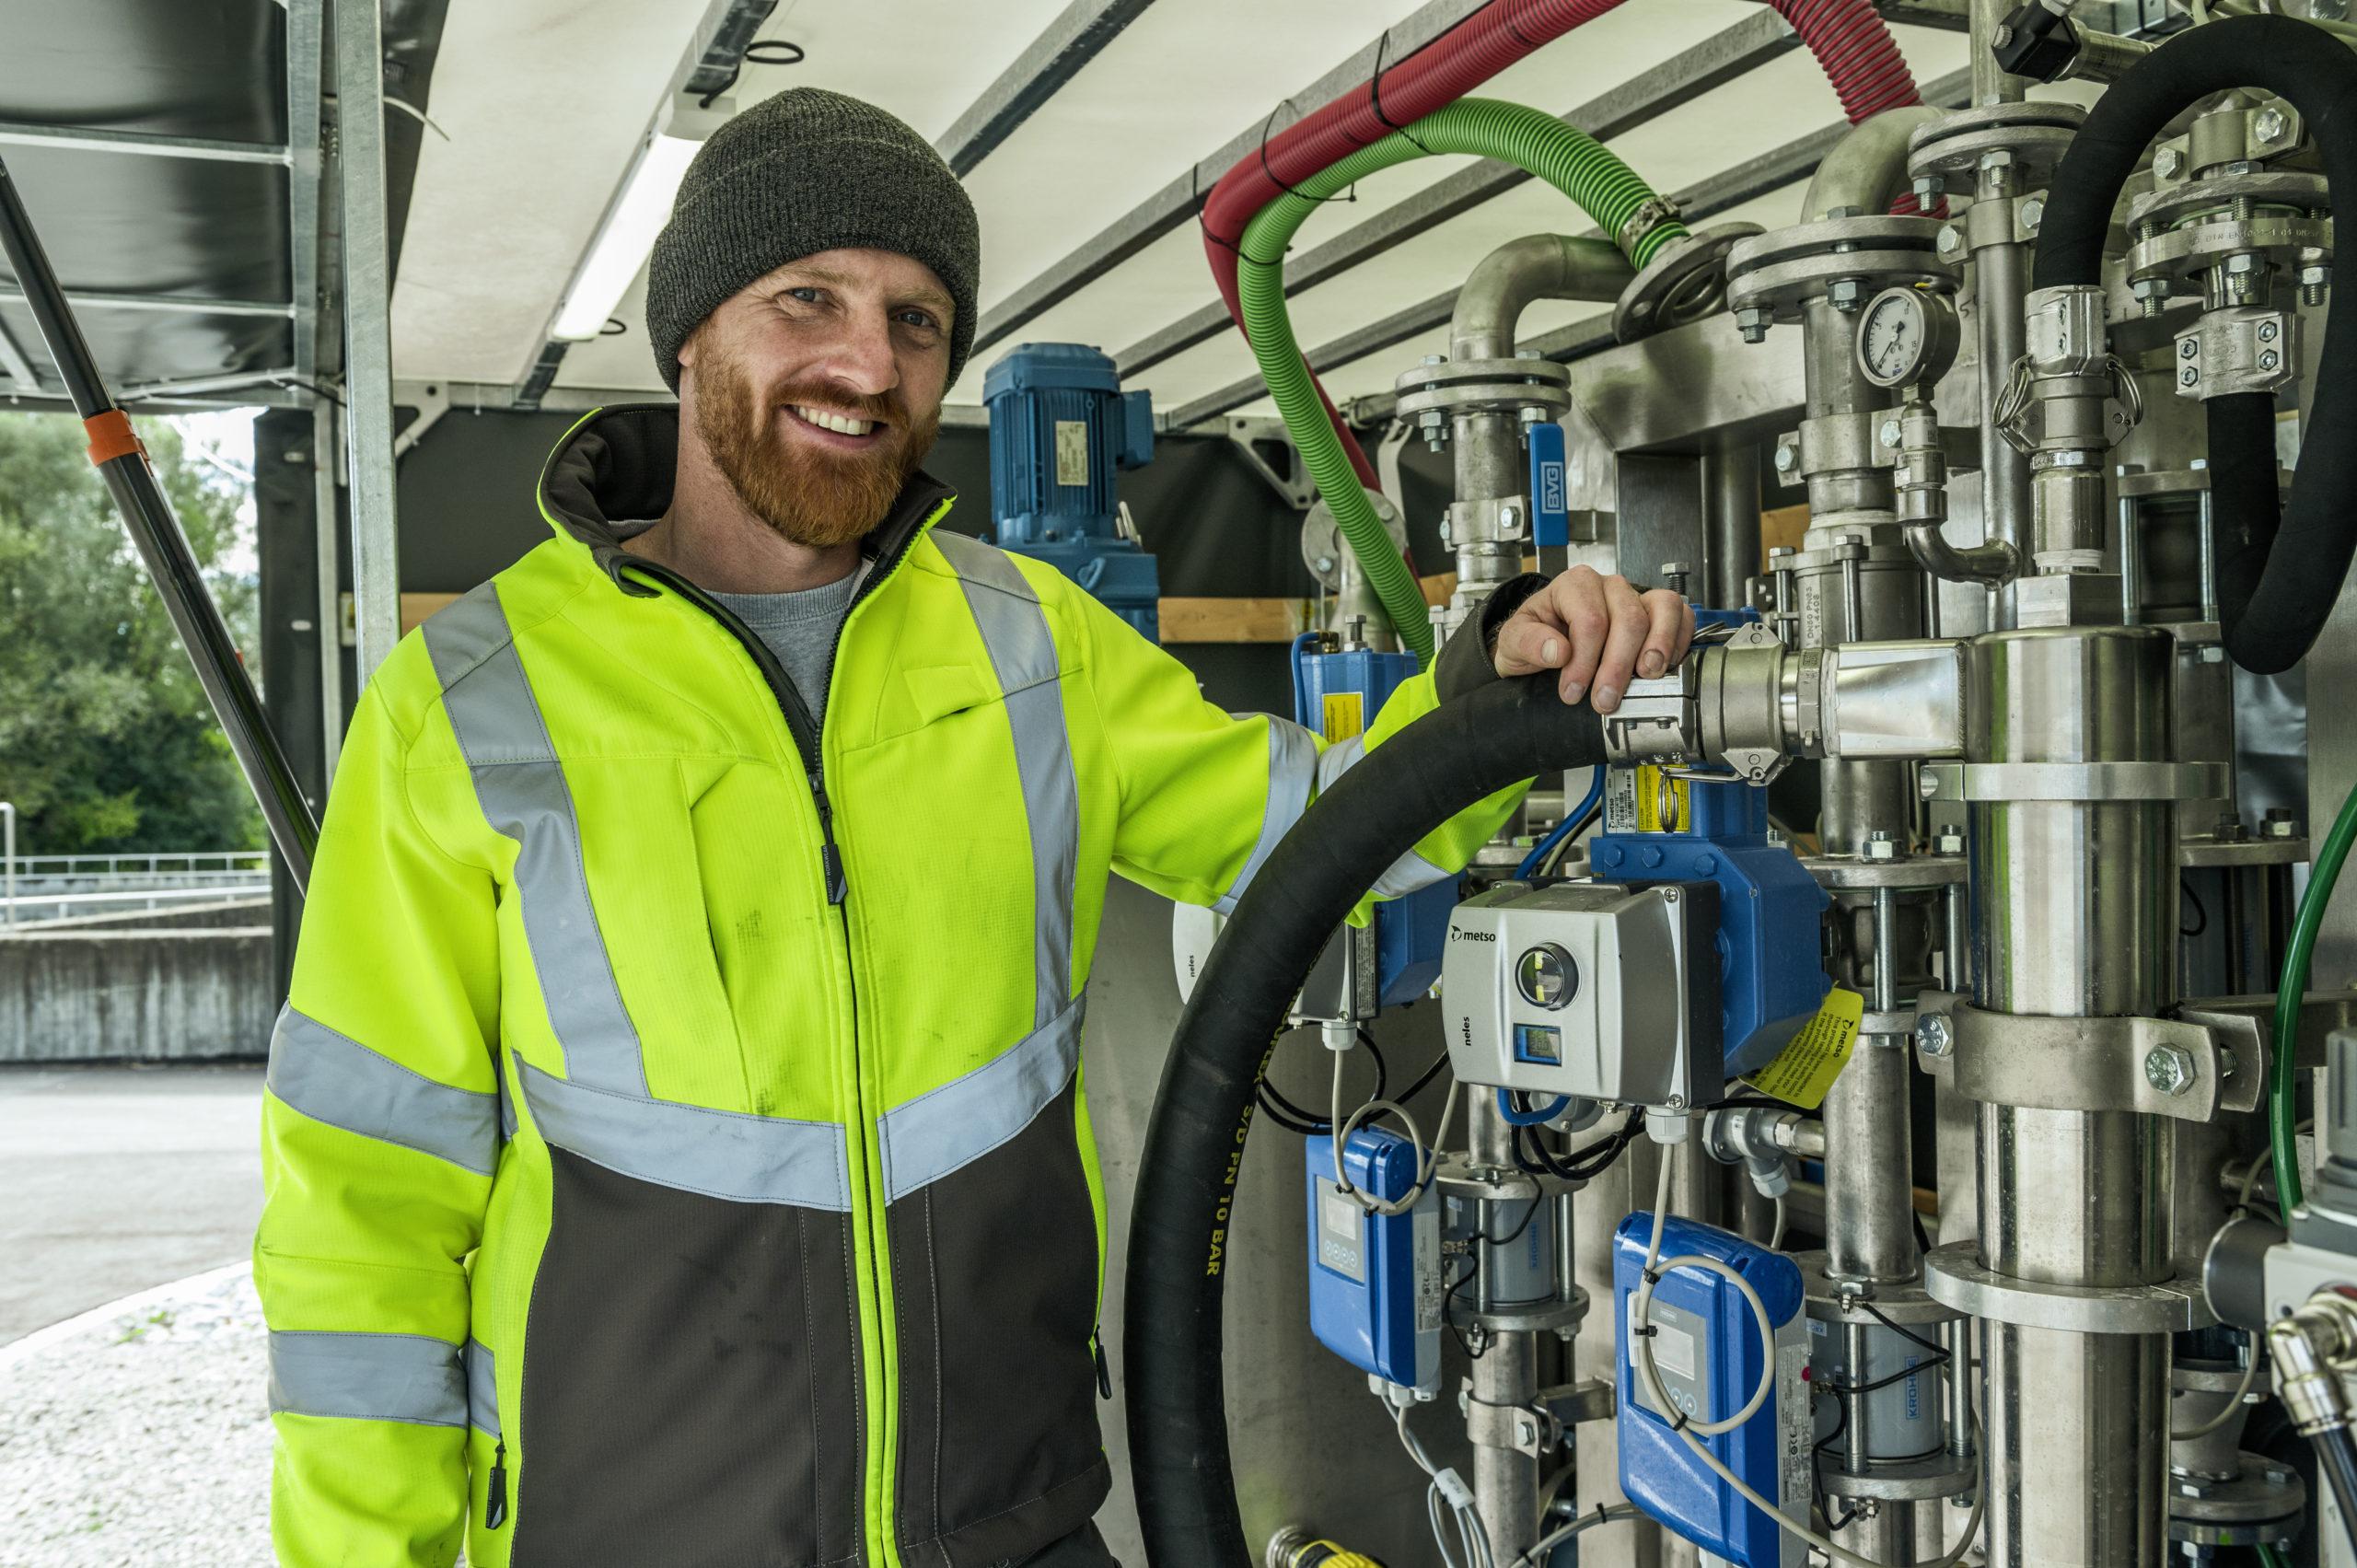 Sebastian Porkert von Ecofario steht neben einer Maschine